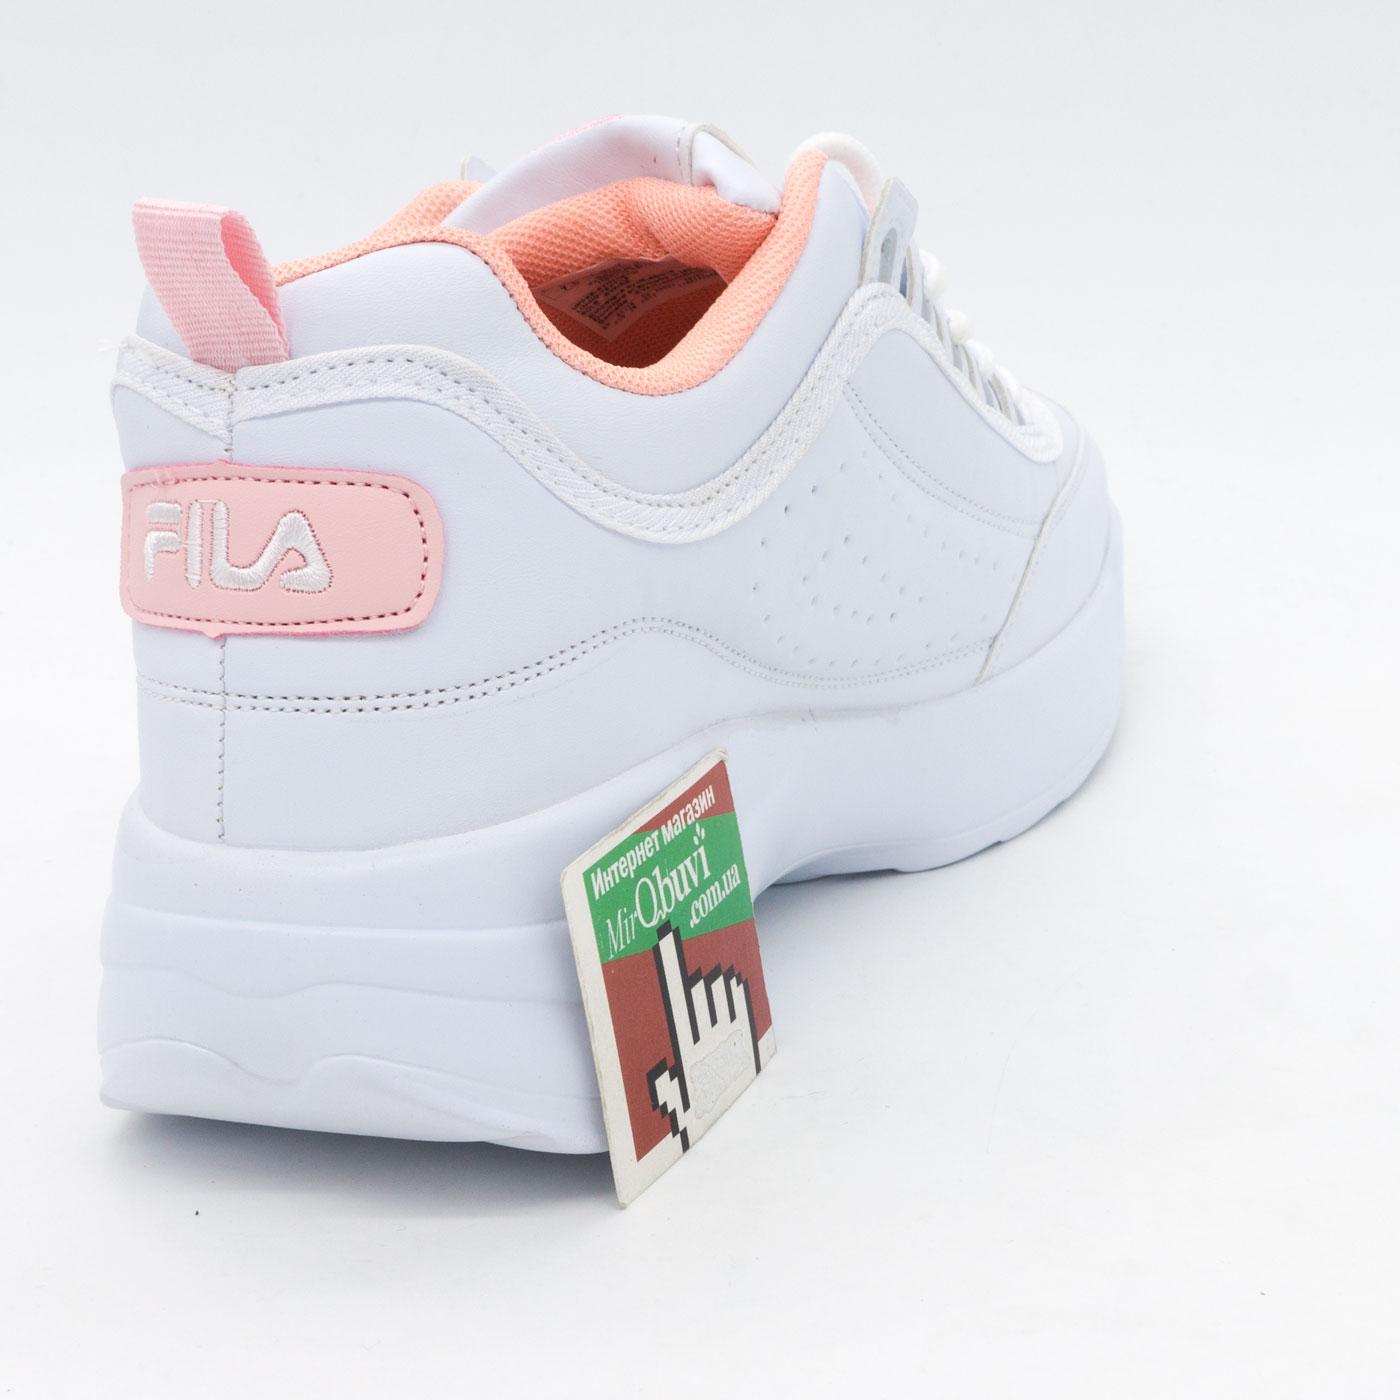 фото bottom Женские бело-розовые кроссовки FILA Disruptor 2 - China bottom